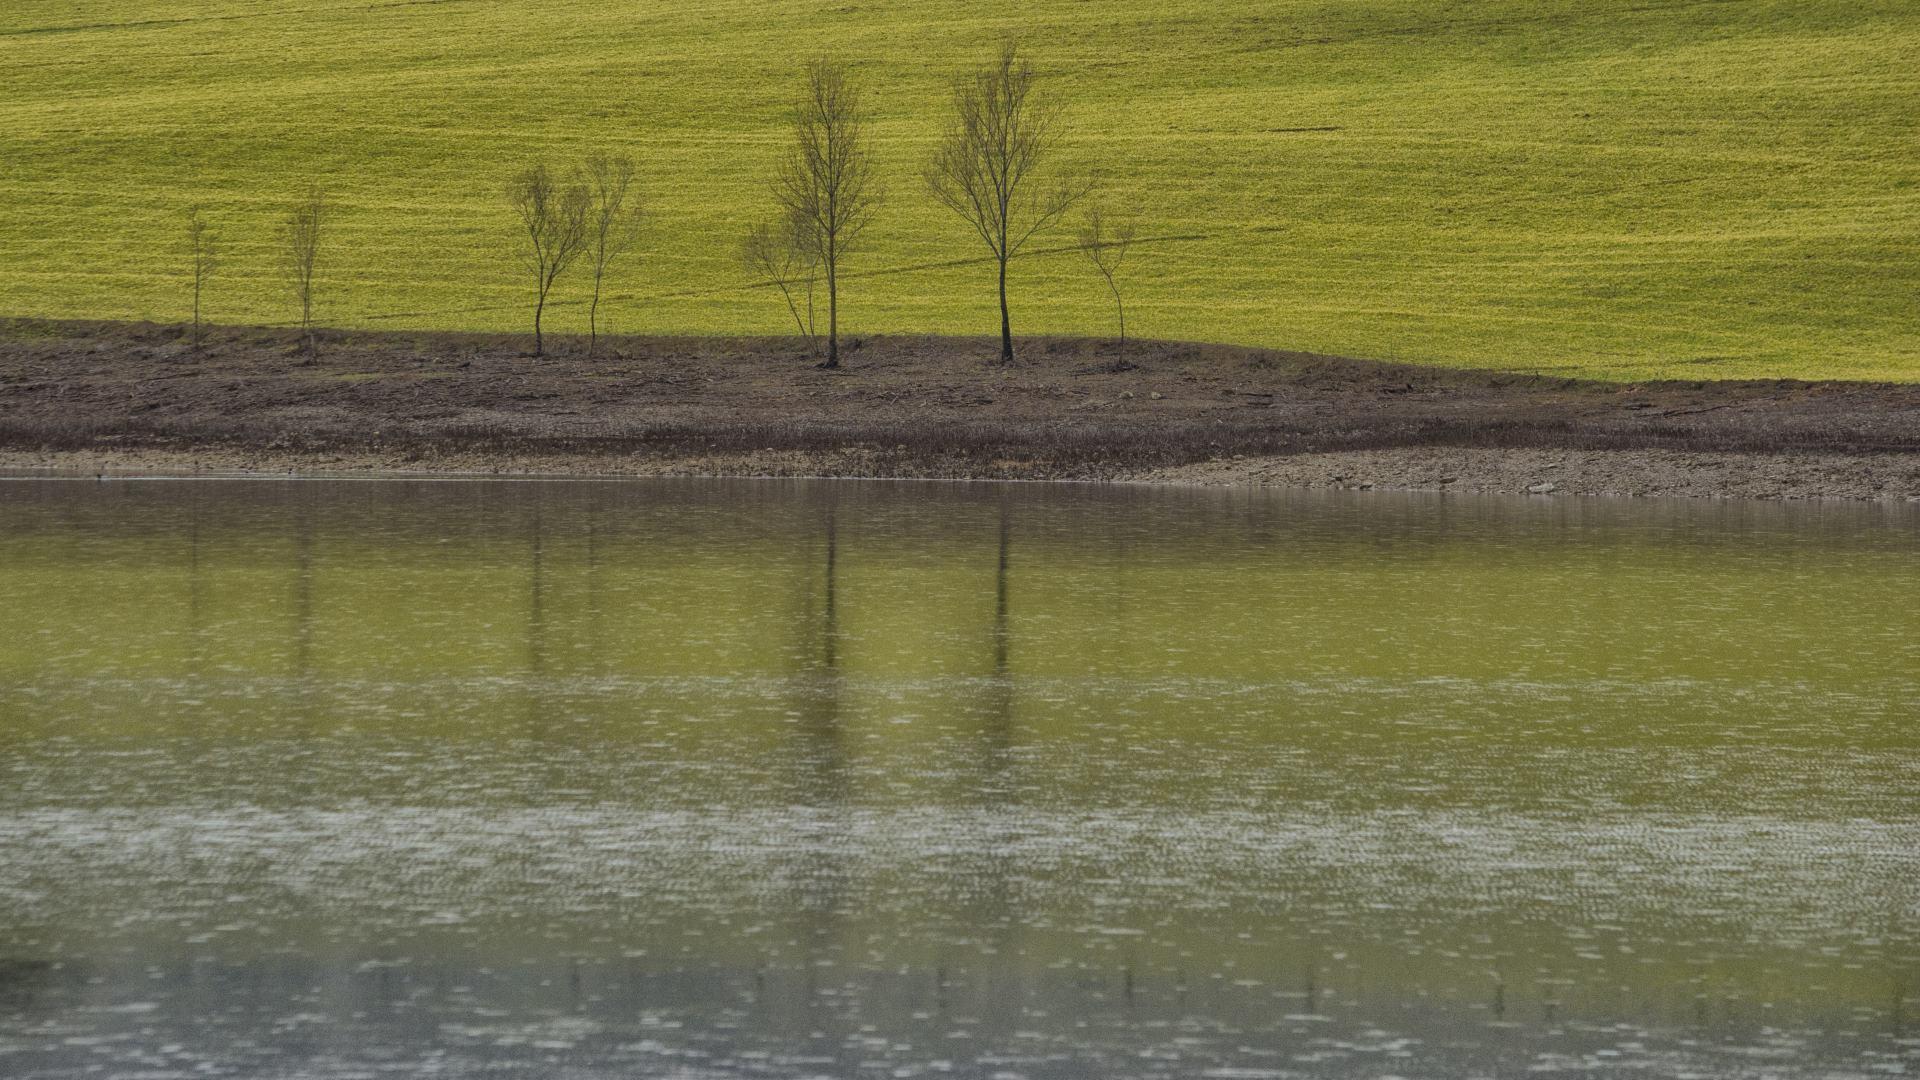 Pioggia sul lago di mirko_borselli